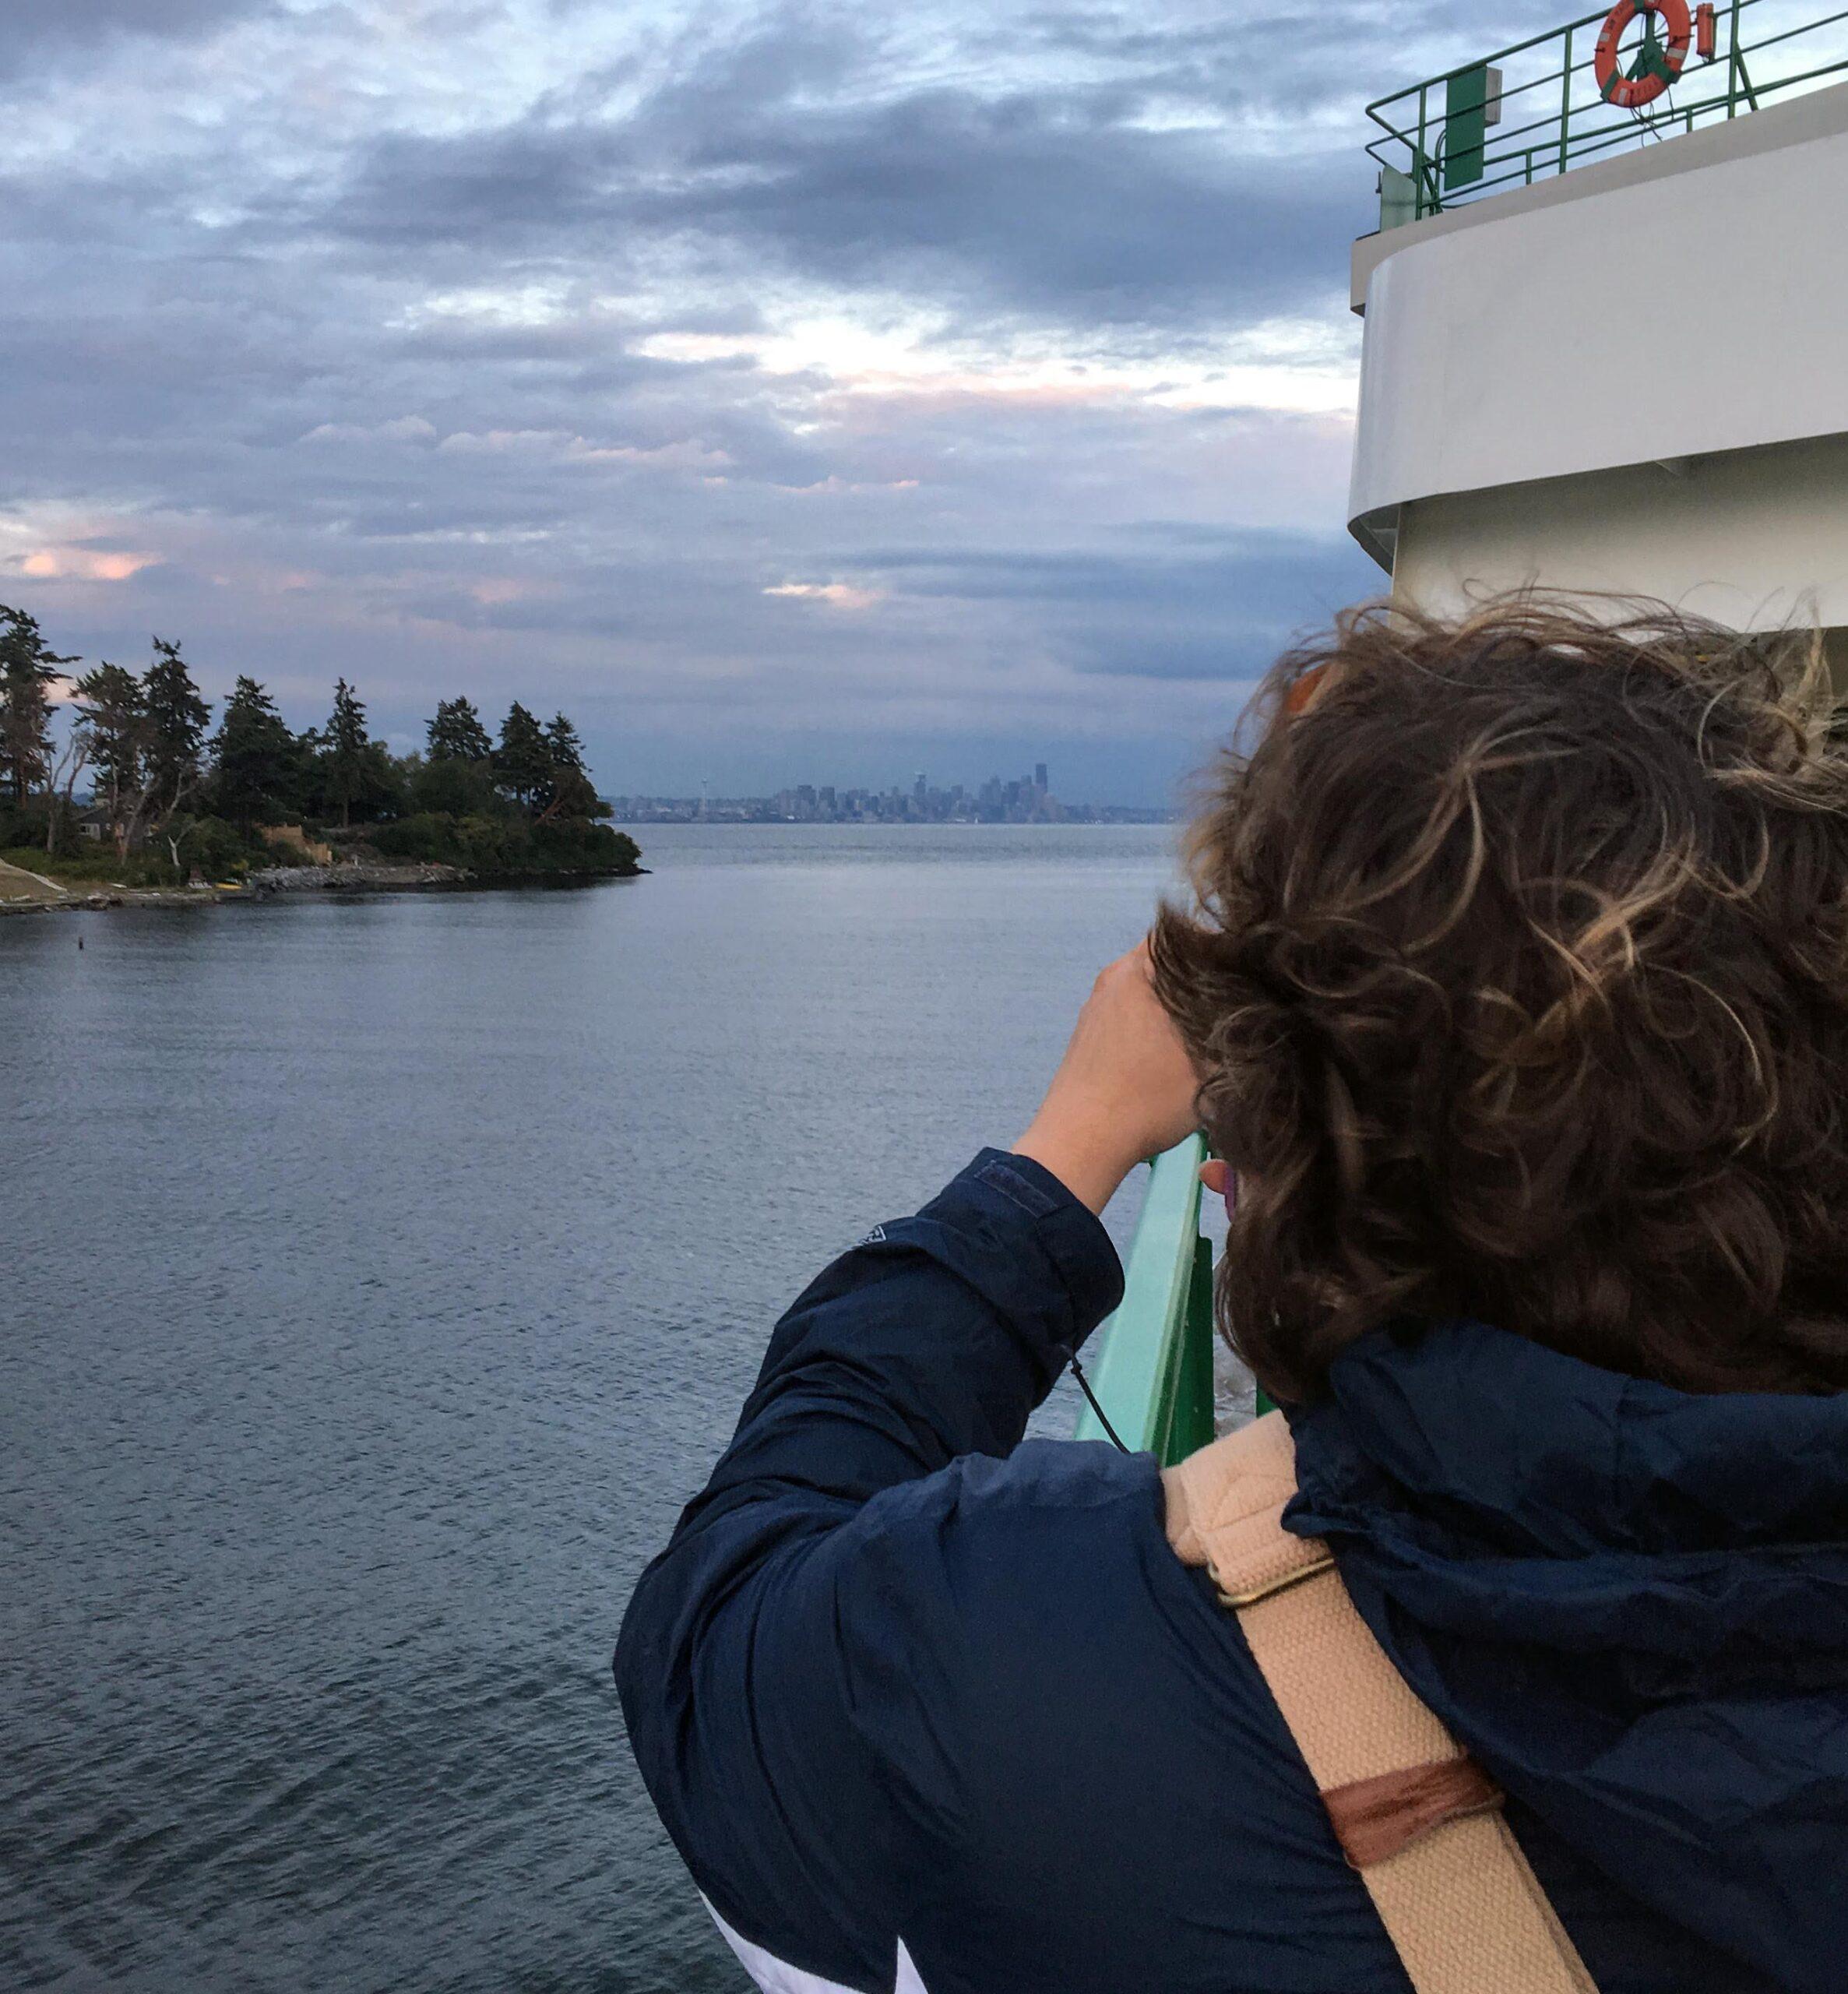 Seattle skyline as seen from across the sound in bainbridge island.